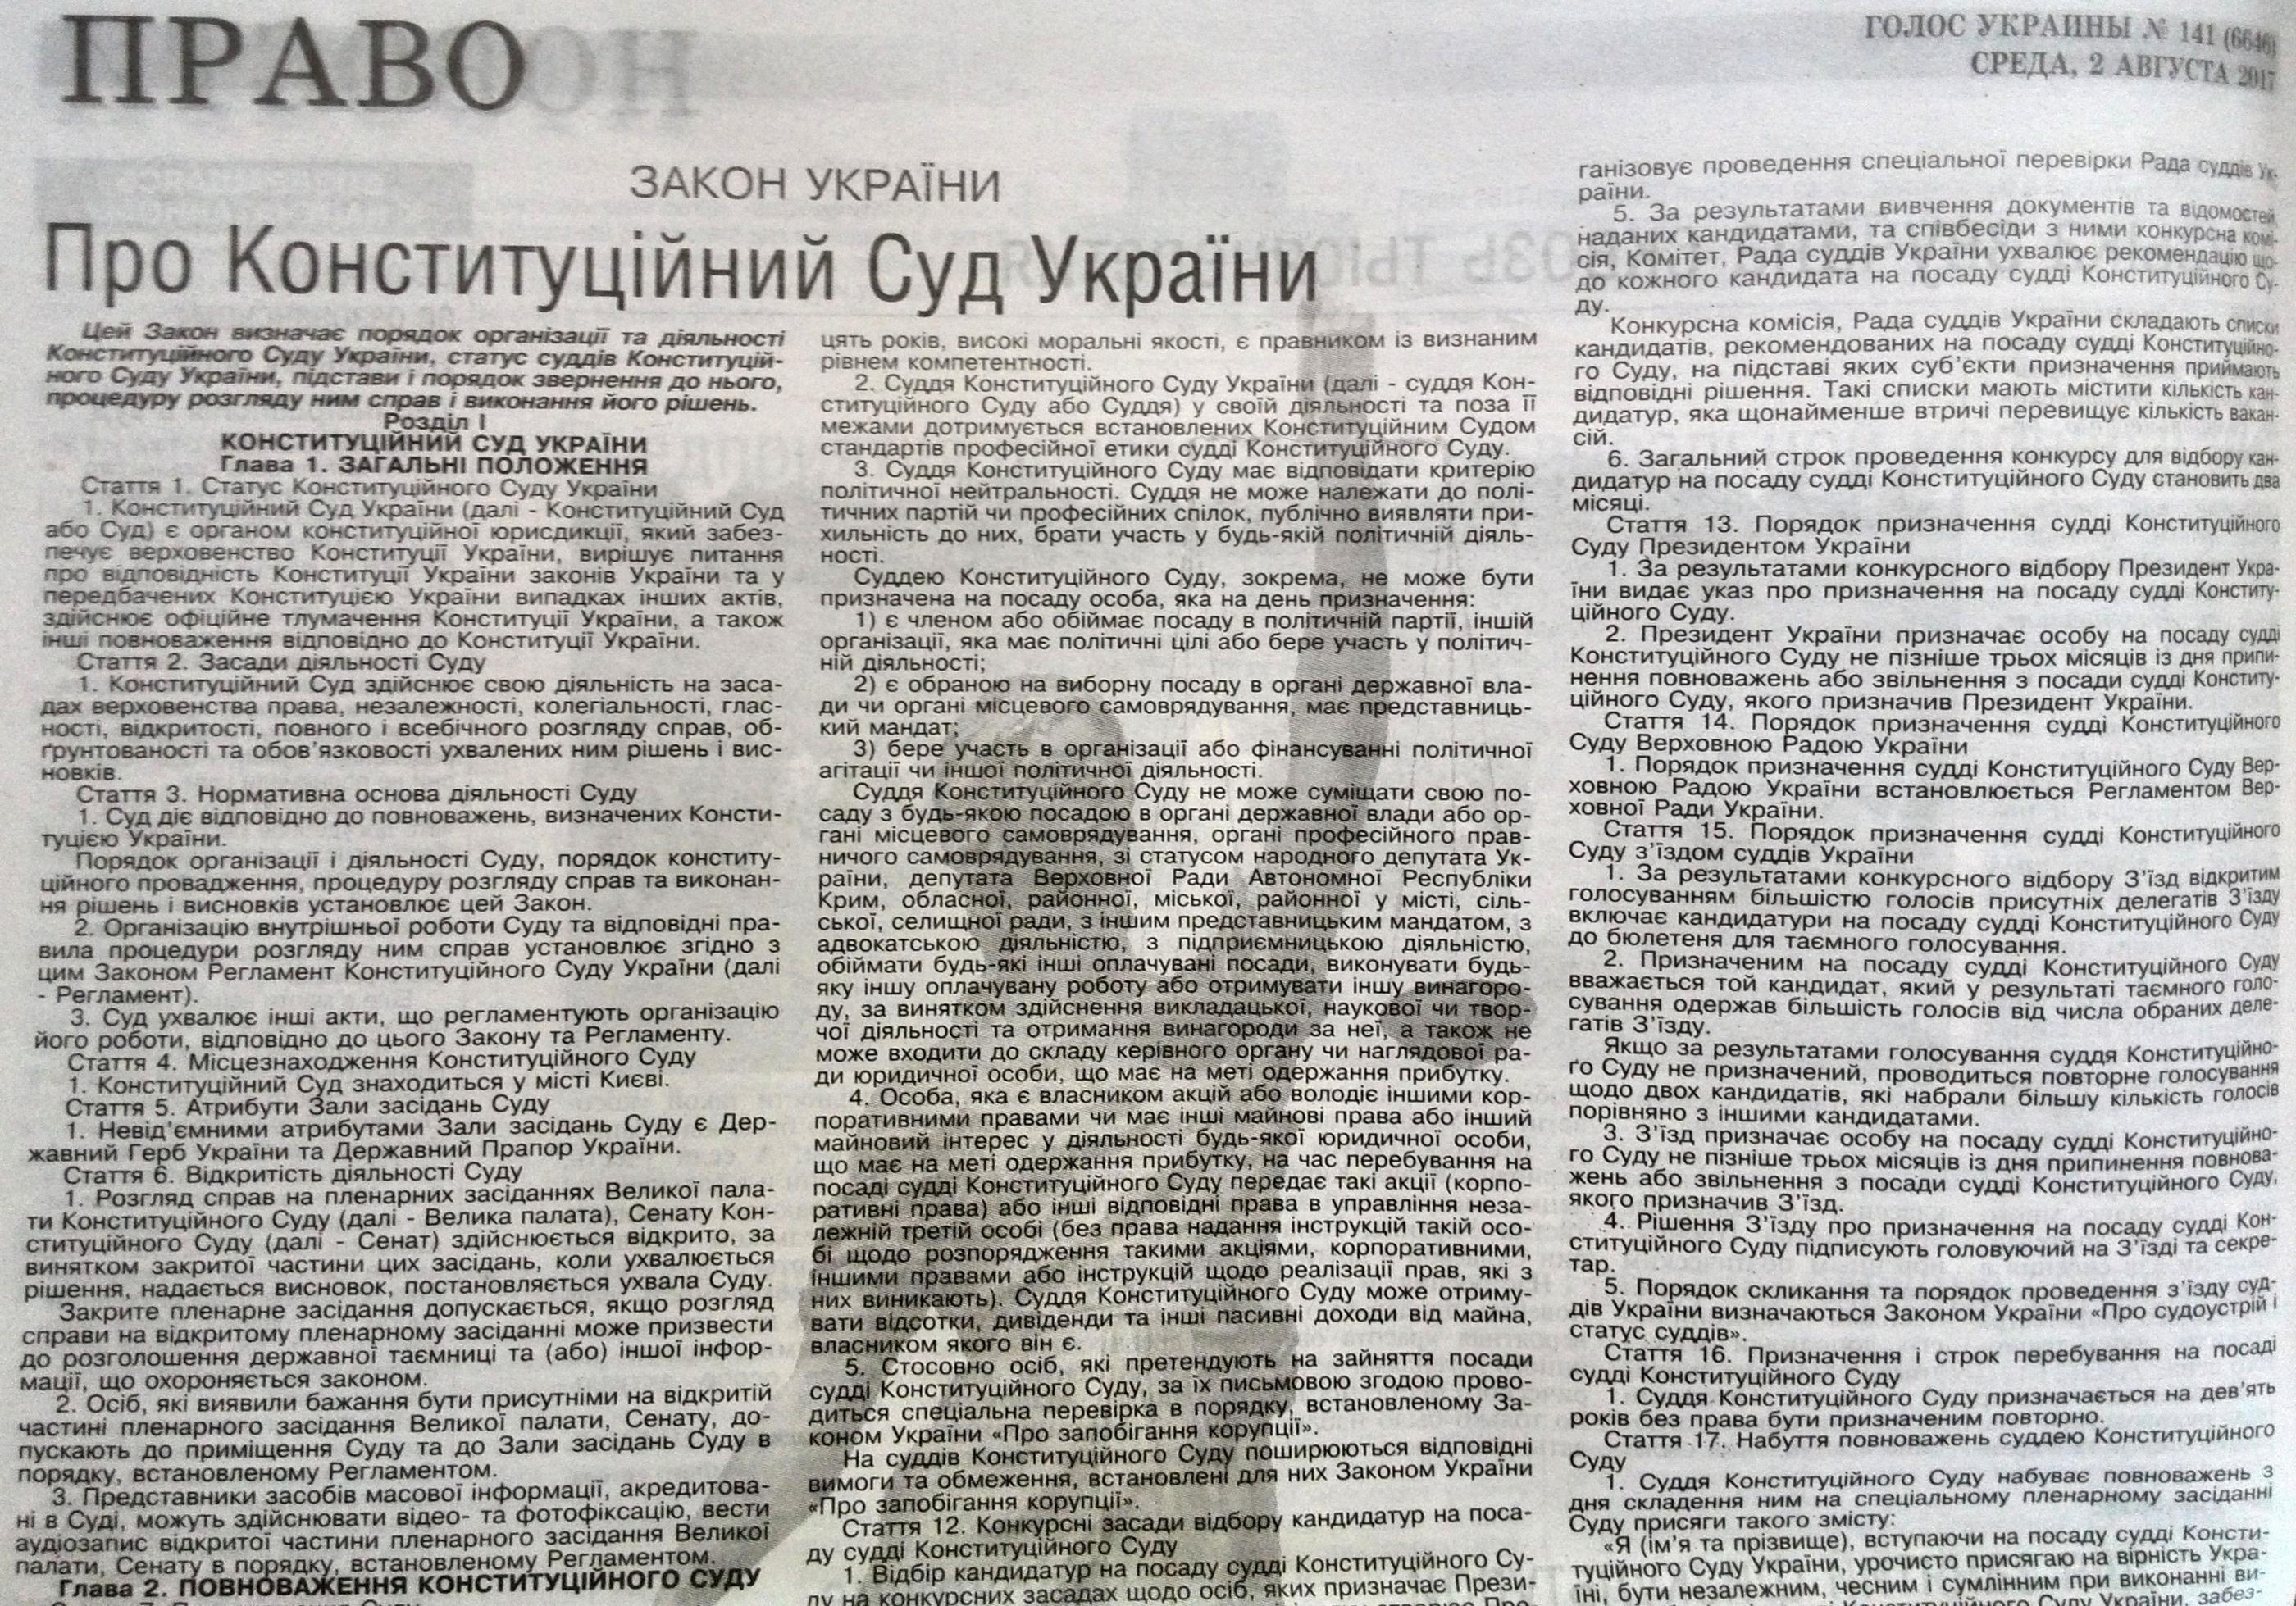 Закон про КС України опубліковано в офіційній пресі